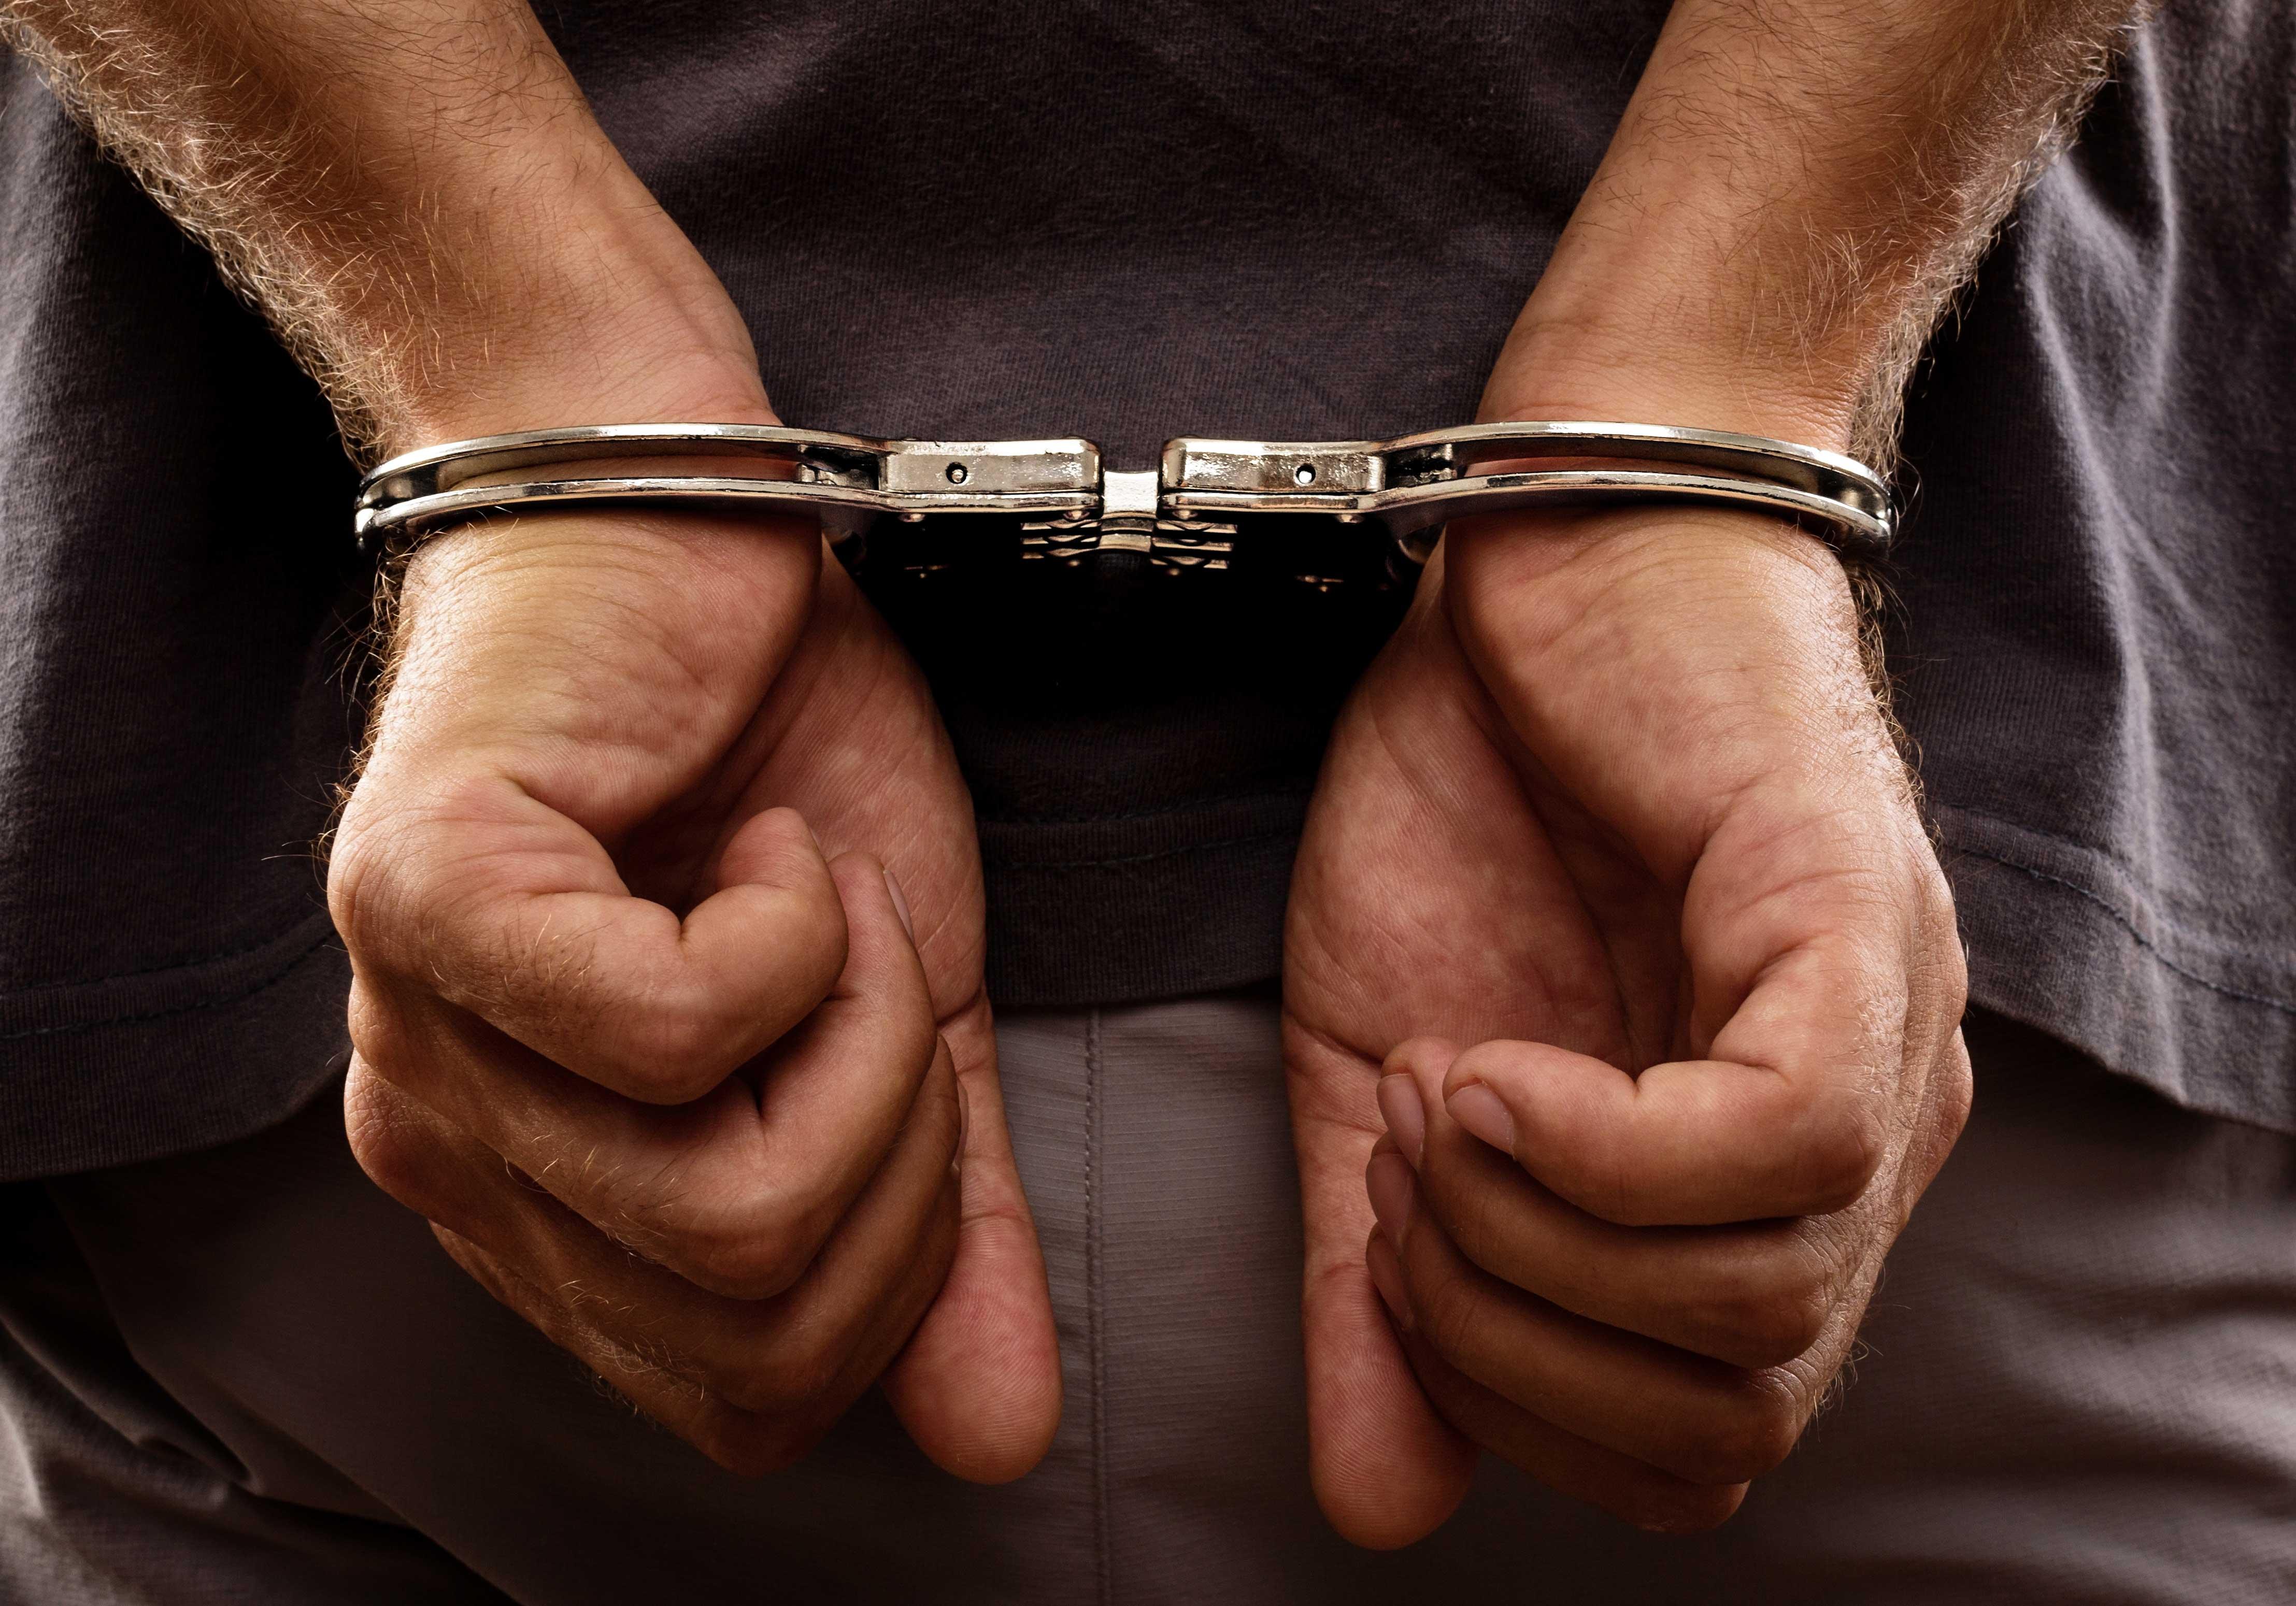 एटीएम तोड़ने के प्रयास में कोचिंग छात्र सहित दो गिरफ्तार